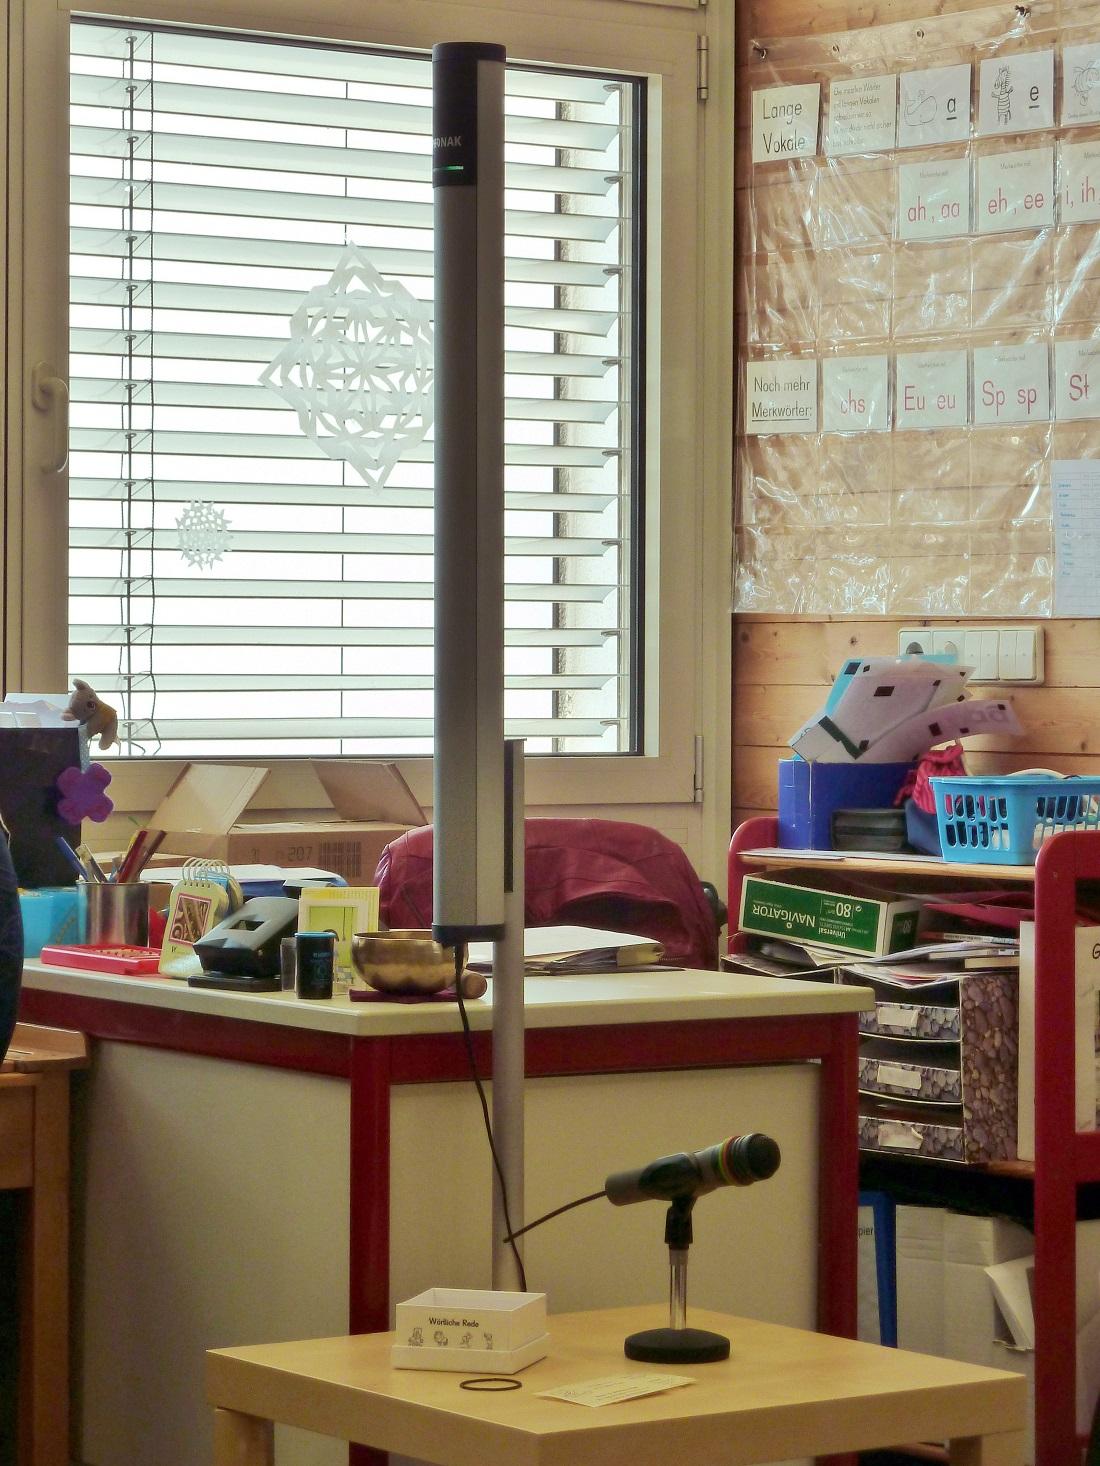 Ds ist eine Soundfield-Anlage. Solche Anlagen helfen den Schülern, die Lehrer besser zu verstehen. (Foto: dpa)